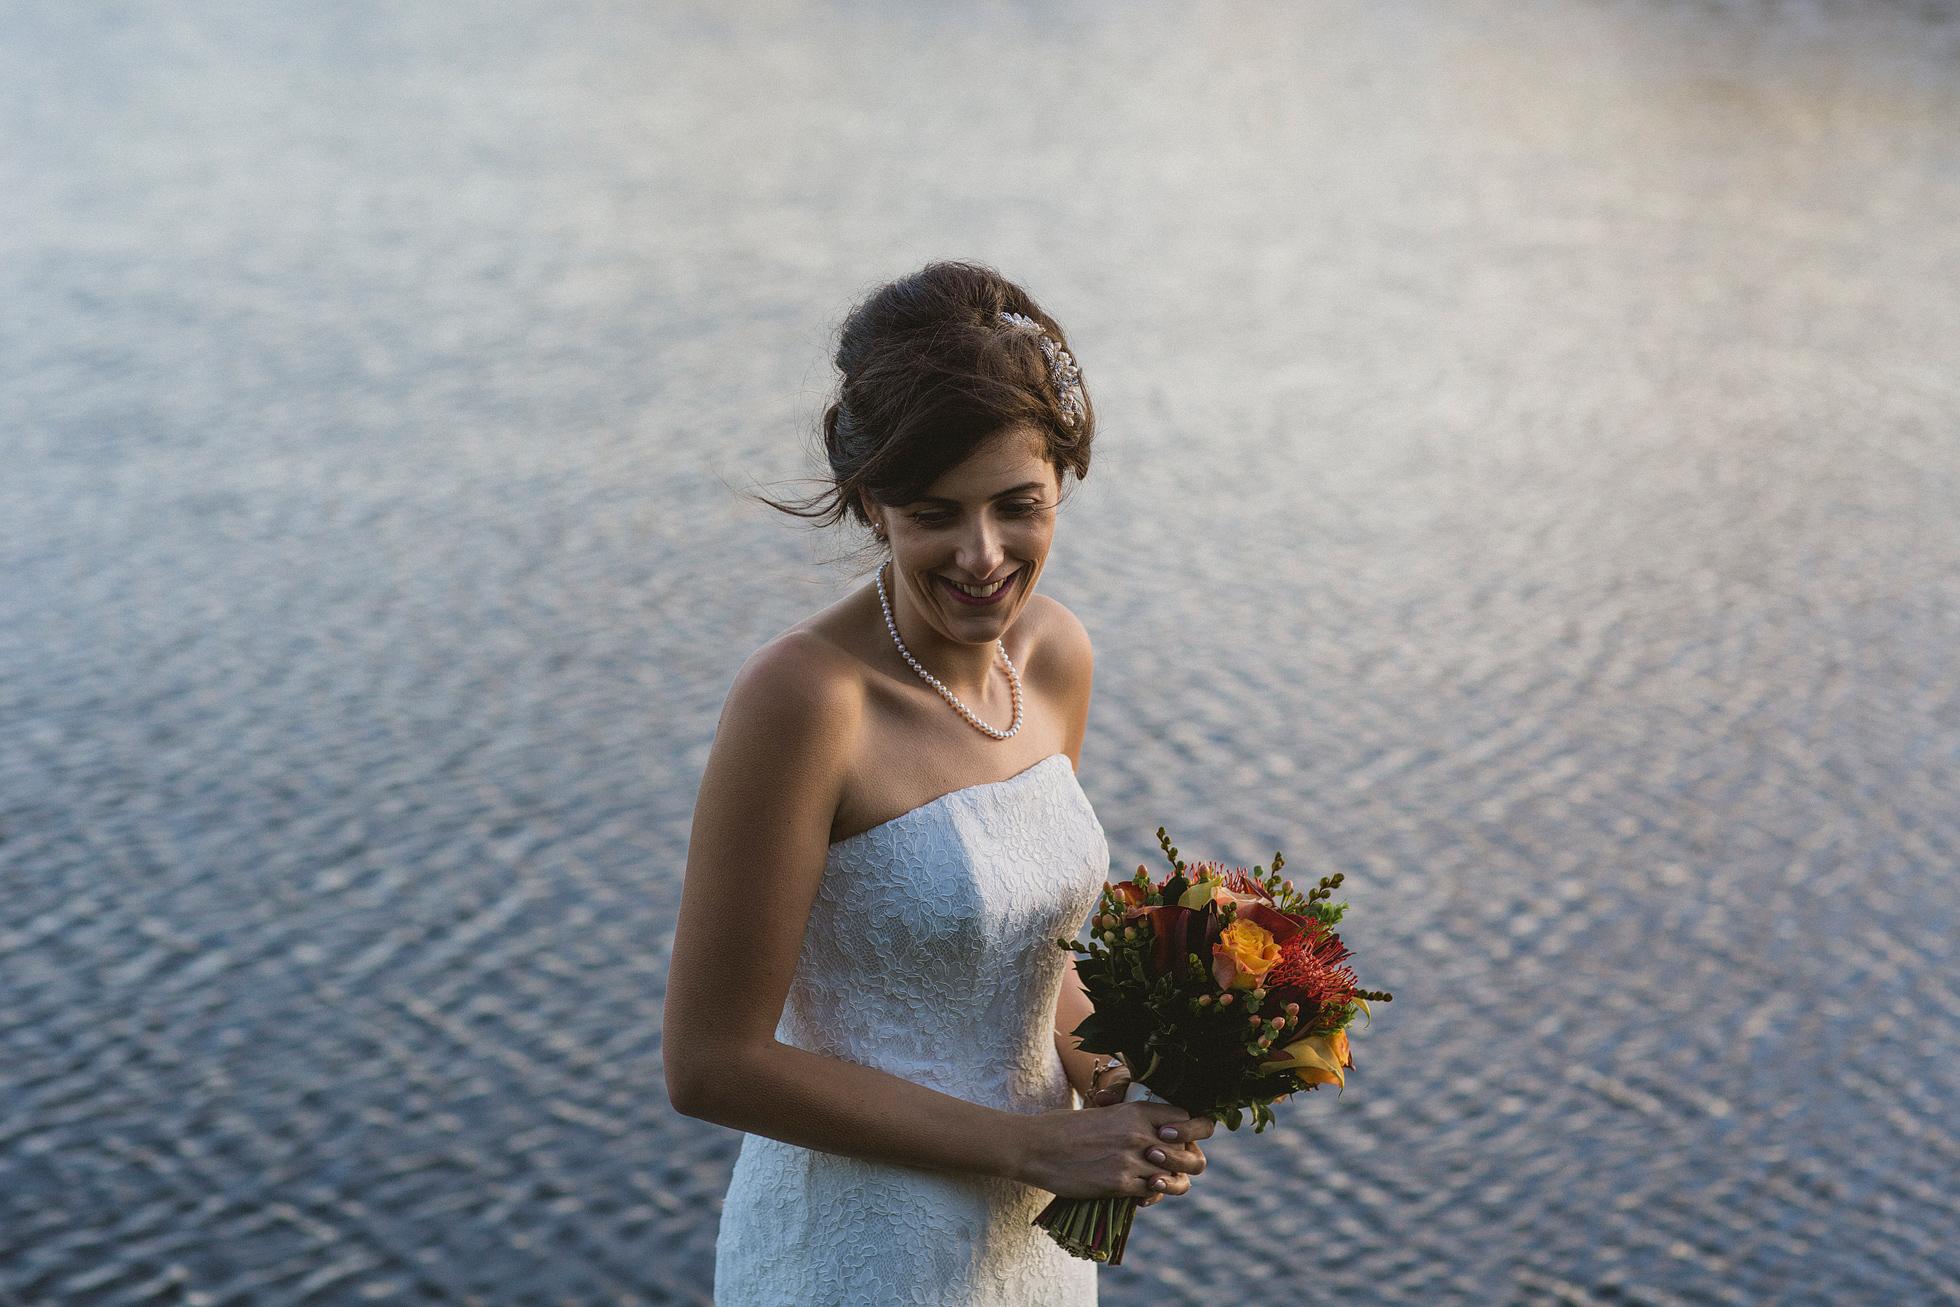 South Farm bride portrait